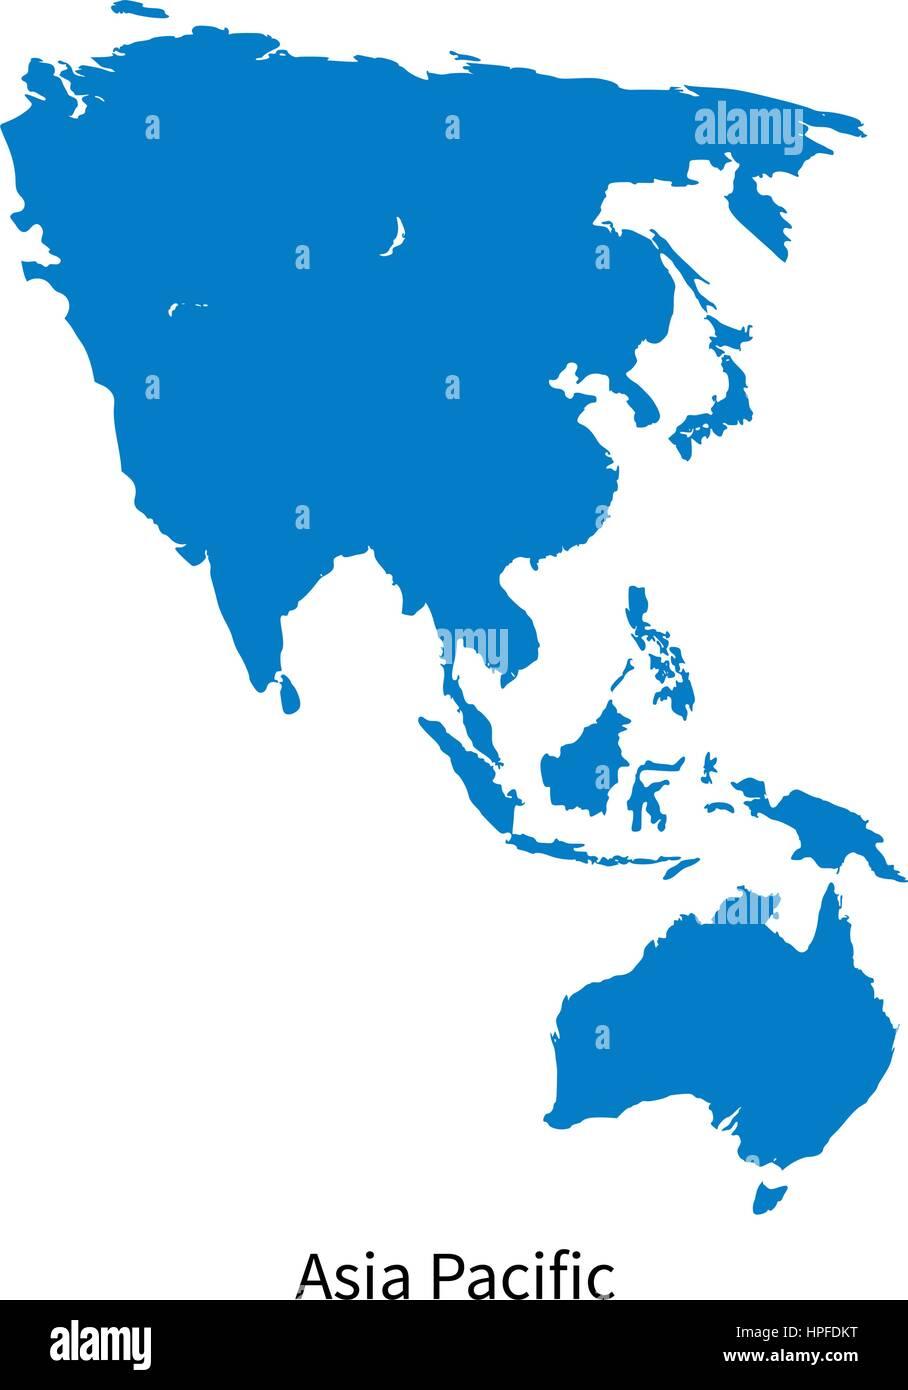 Carte Geographique Asie Pacifique.Carte Vectorielle Detaillee De L Asie Pacifique Sur White Vecteurs